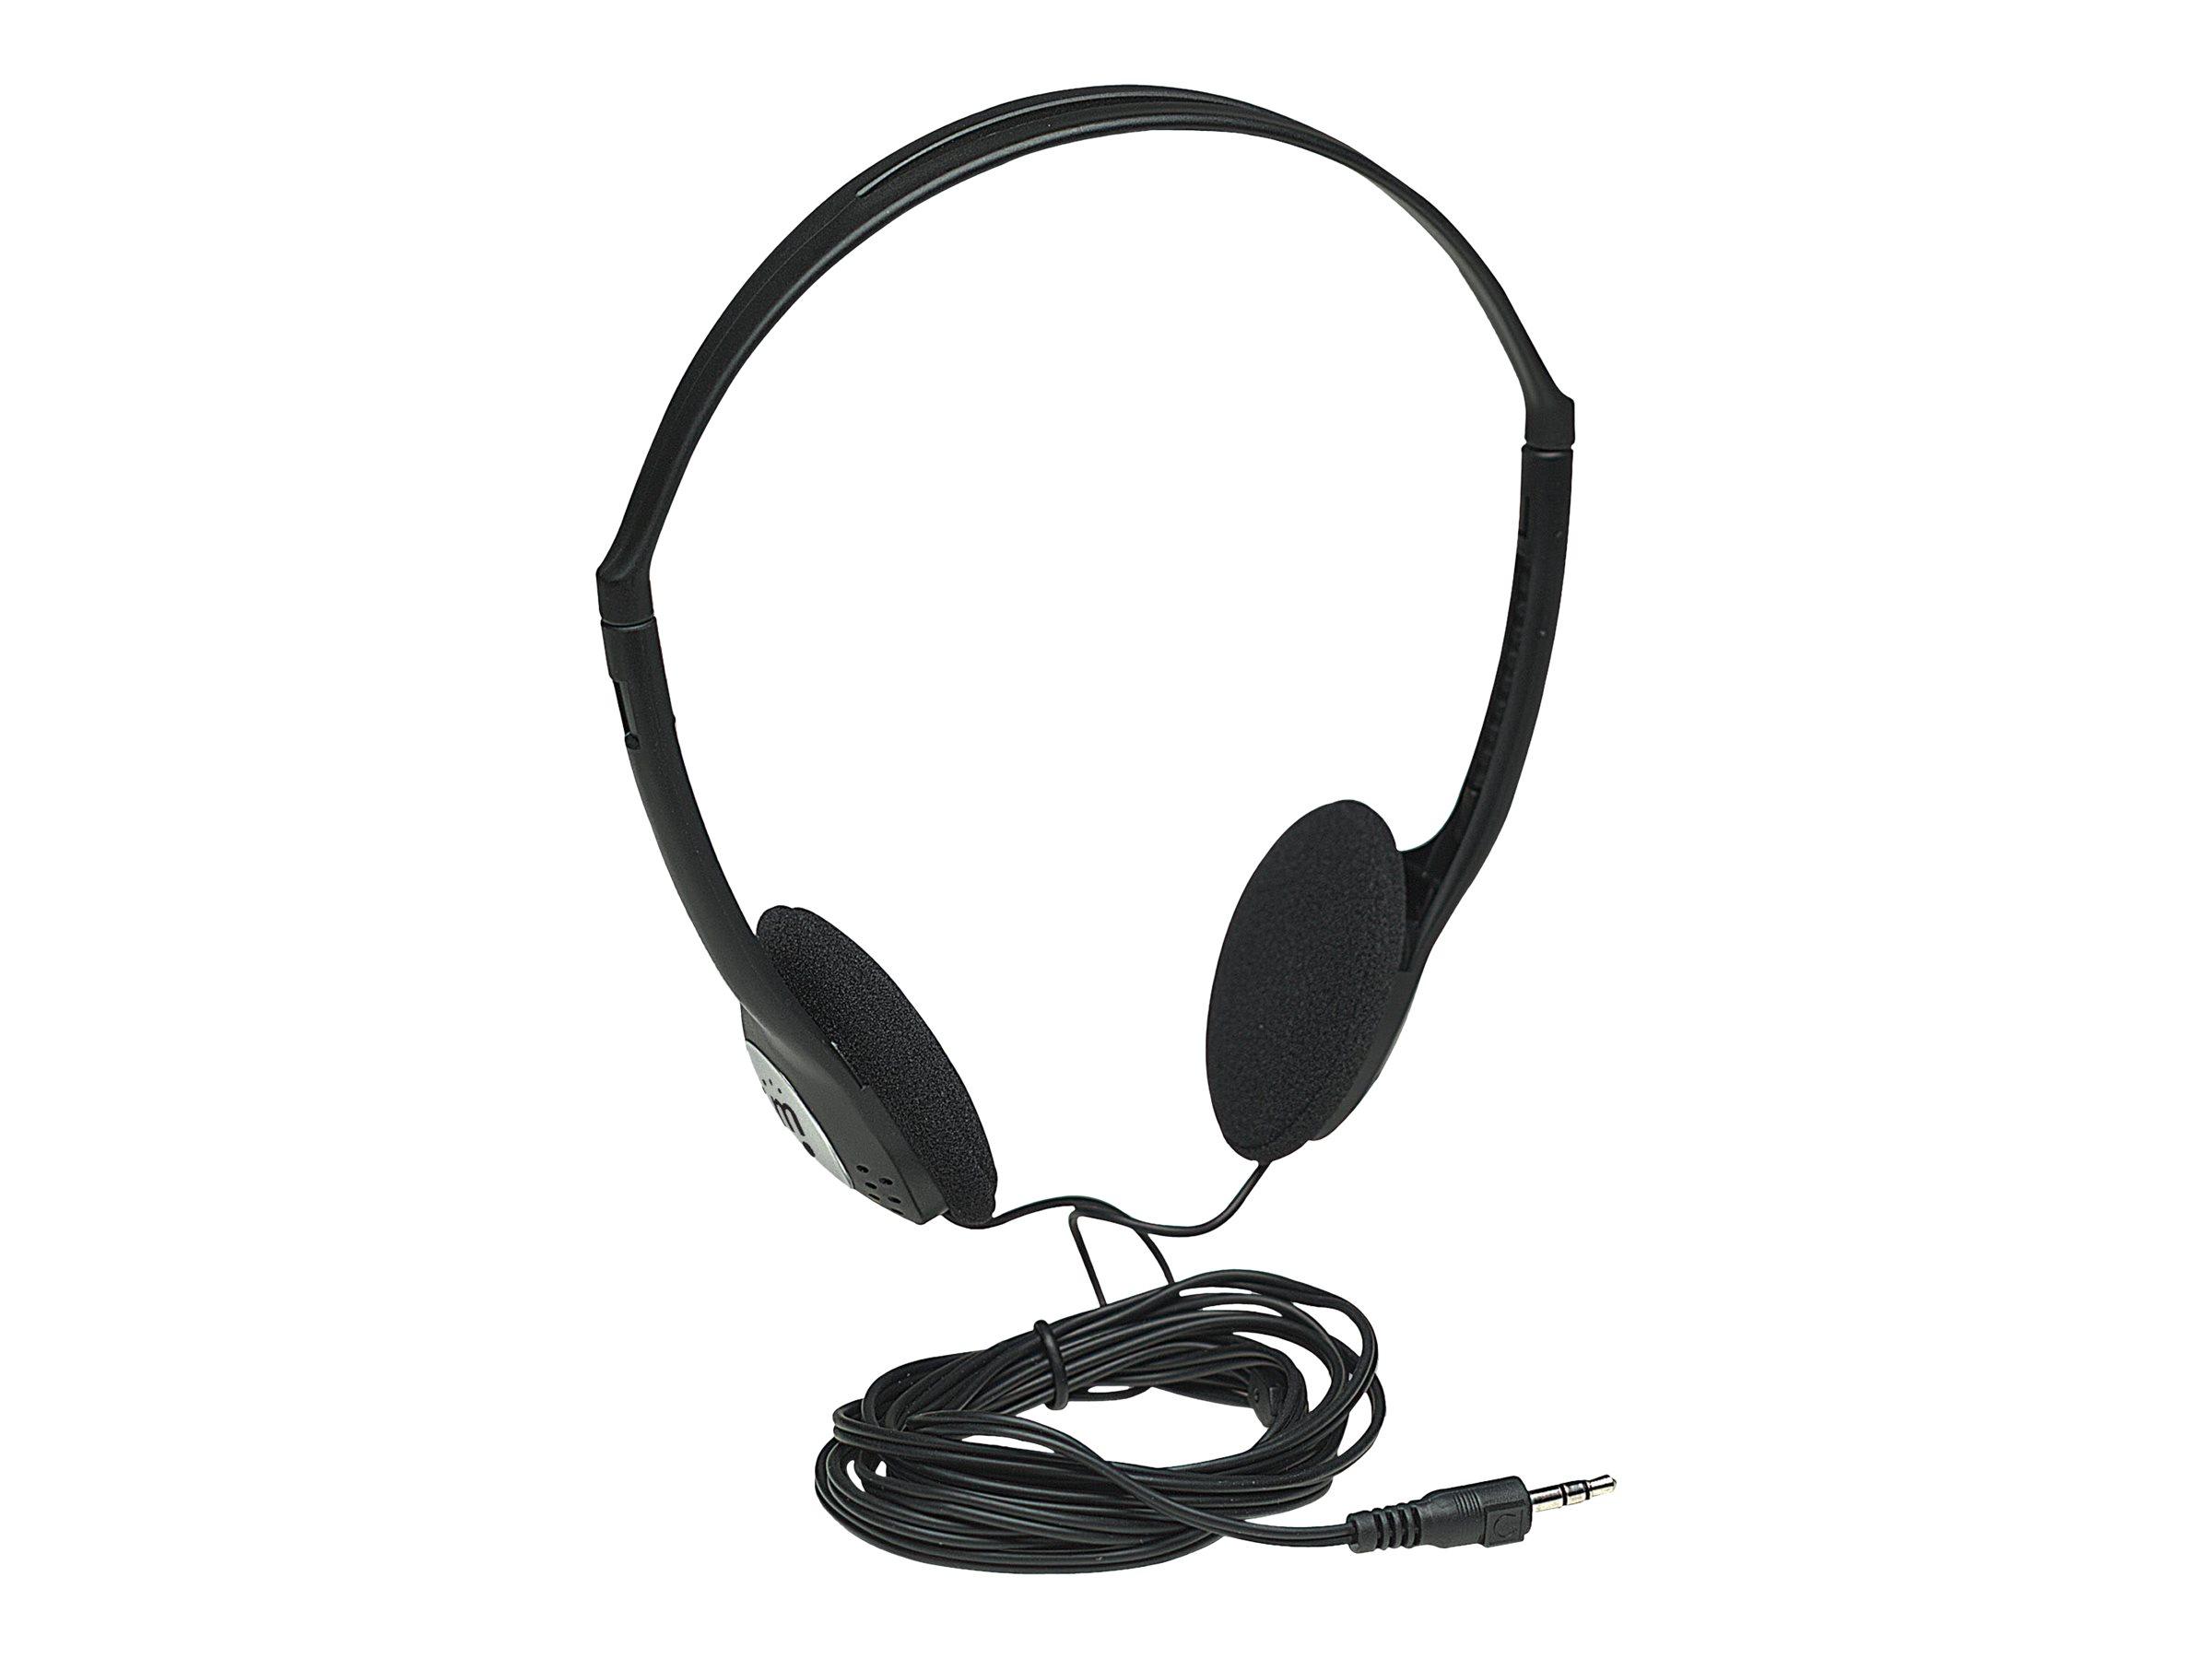 Manhattan Stereokopfhörer, Sehr leicht, verstellbarer Kopfbügel, gepolsterte Ohrmuscheln